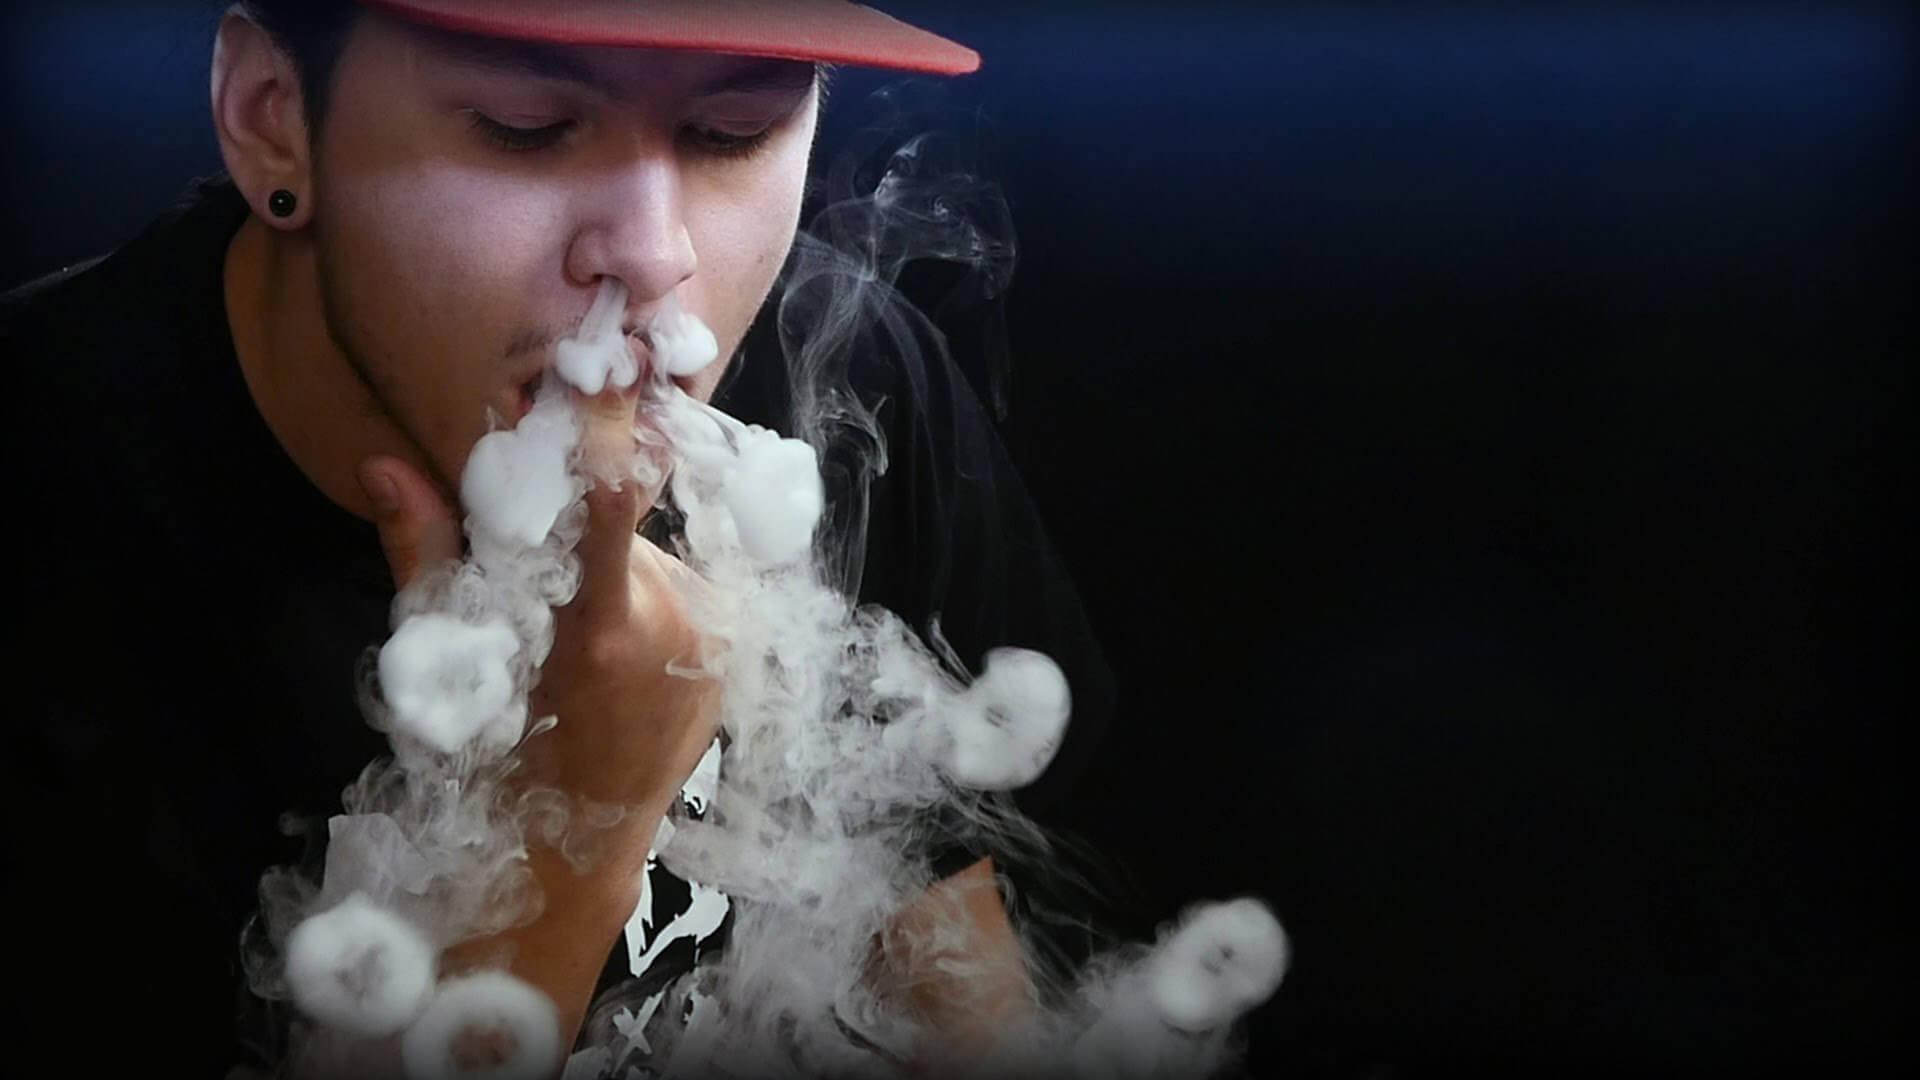 Електронні сигарети можуть заборонити: вже зафіксували 6 смертей. Новини світу